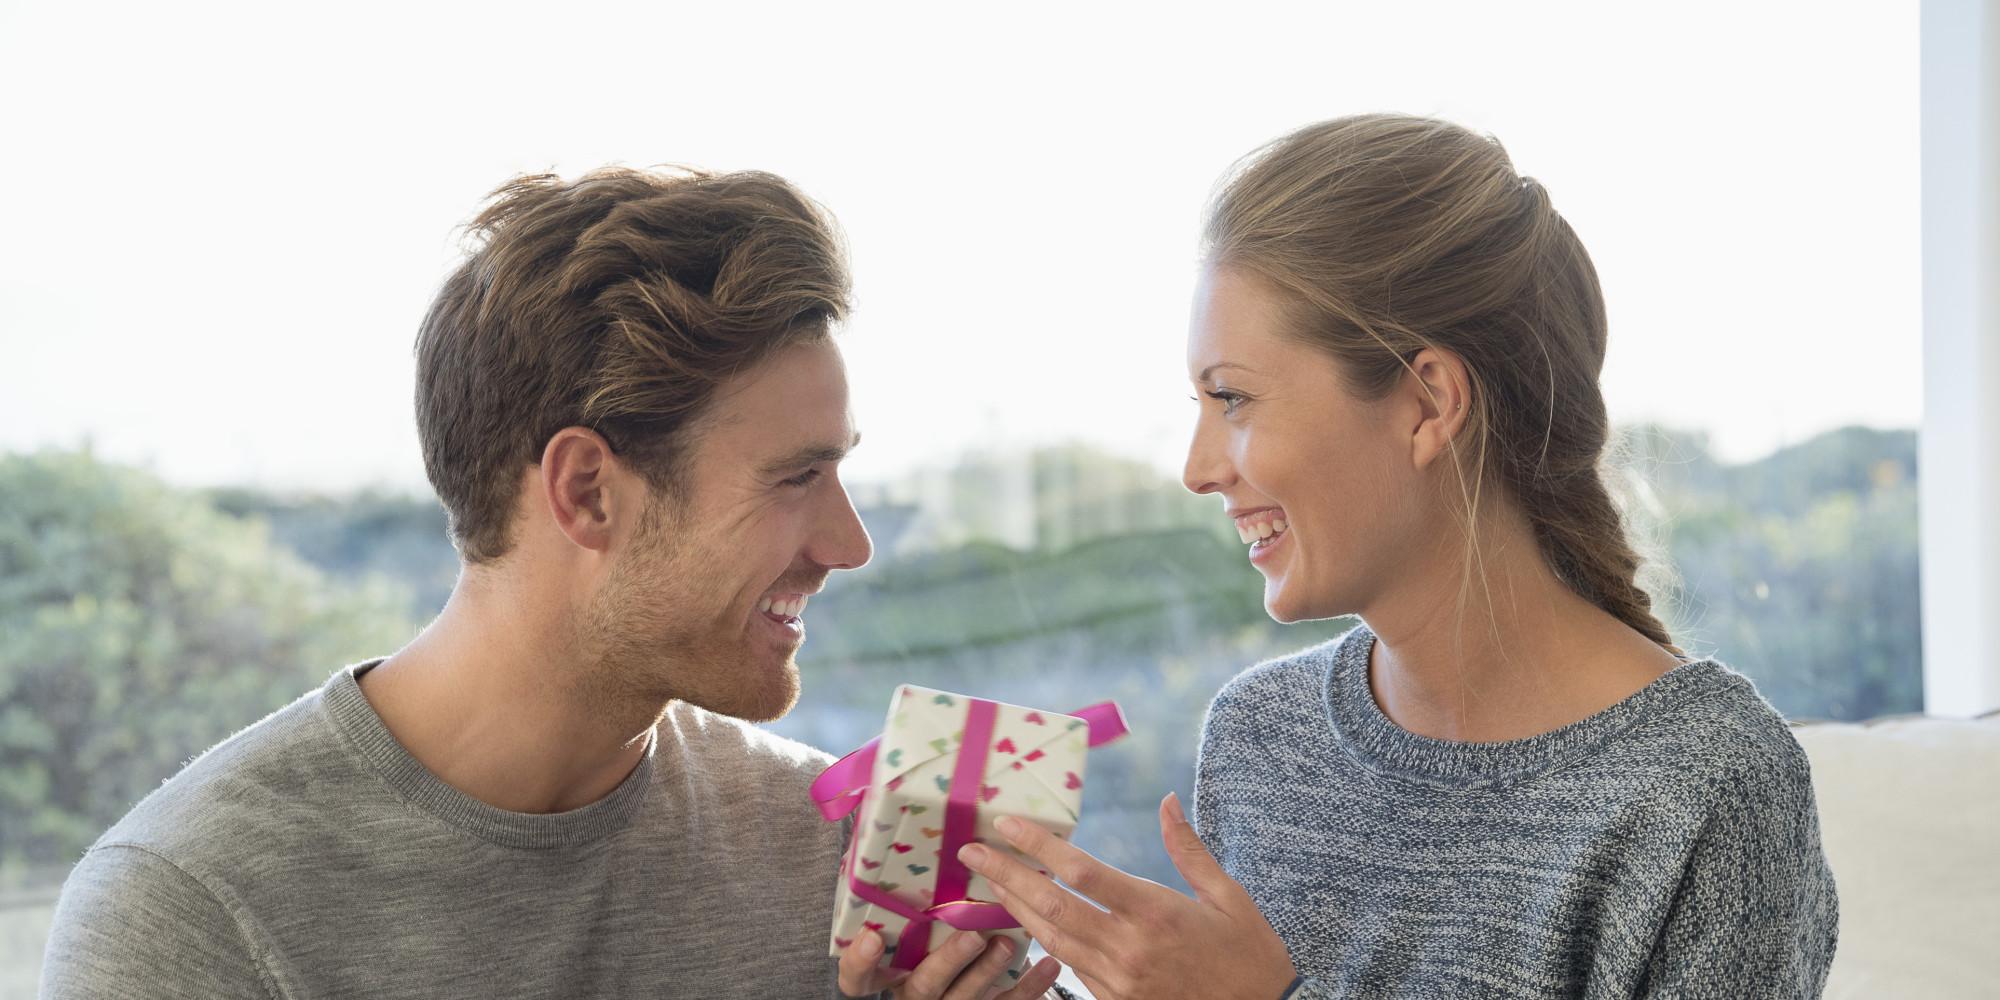 modne nøgne kvinder dating sites for gift